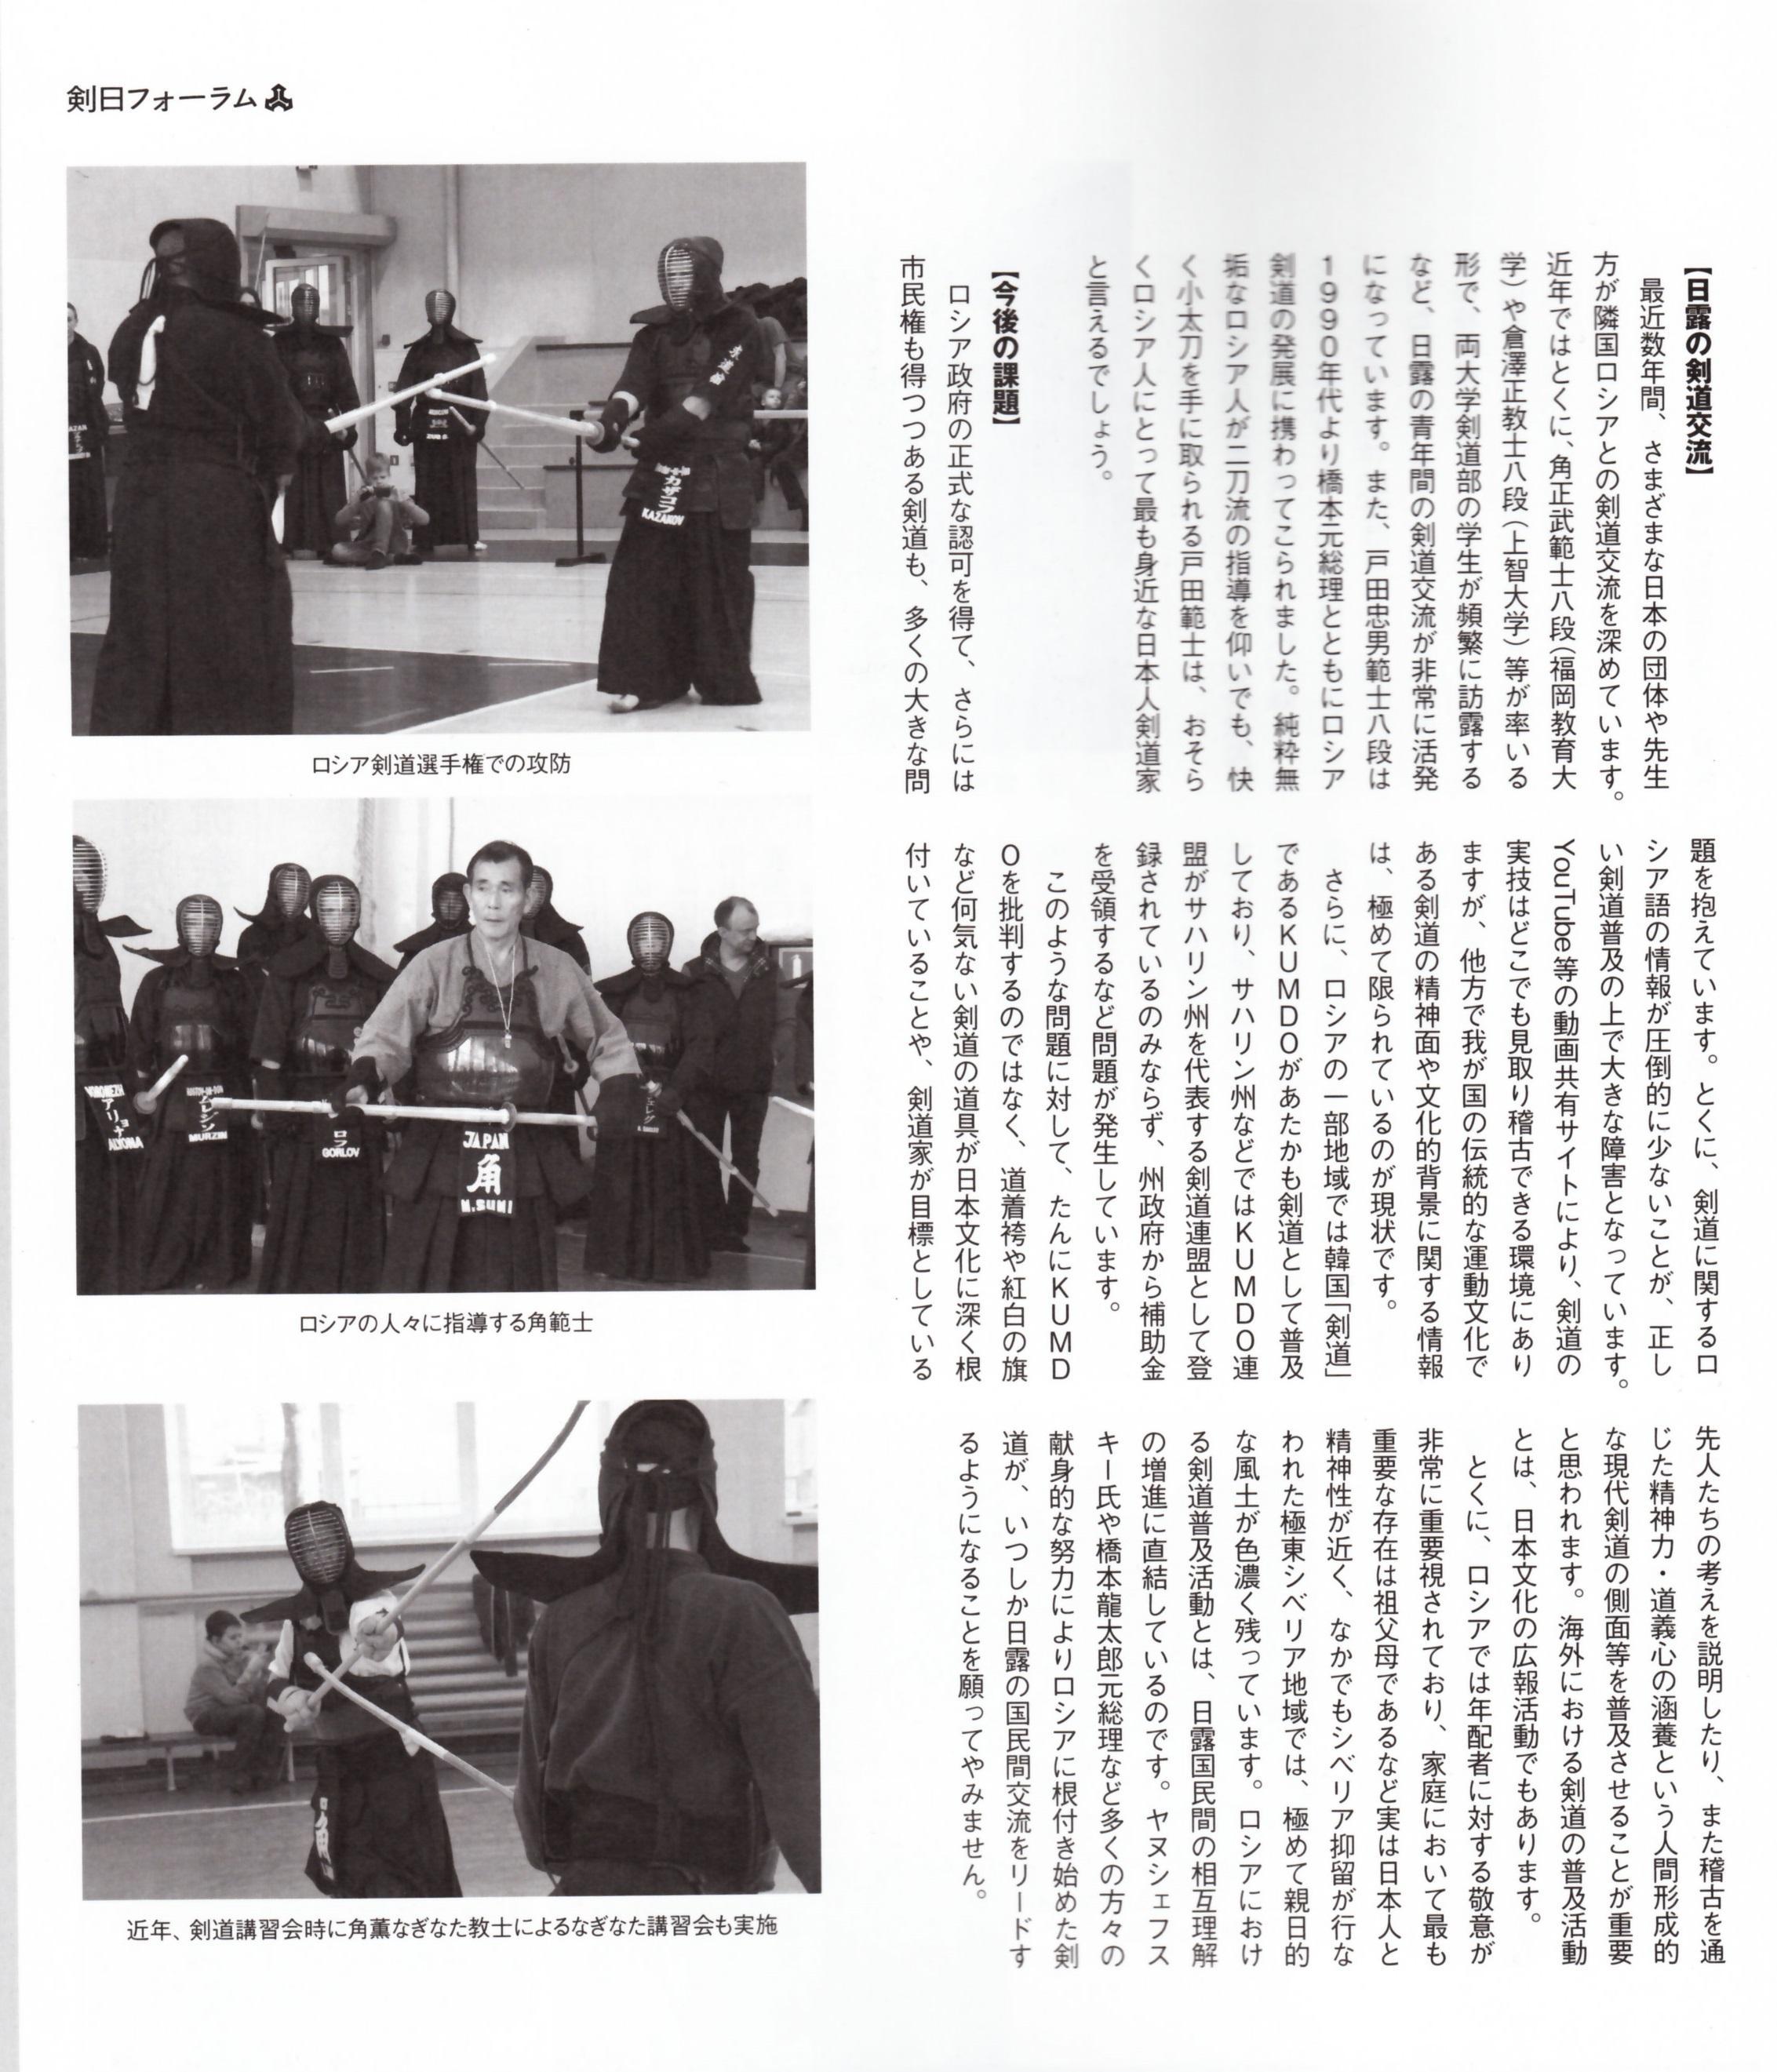 剣道日本_2015年06月143p